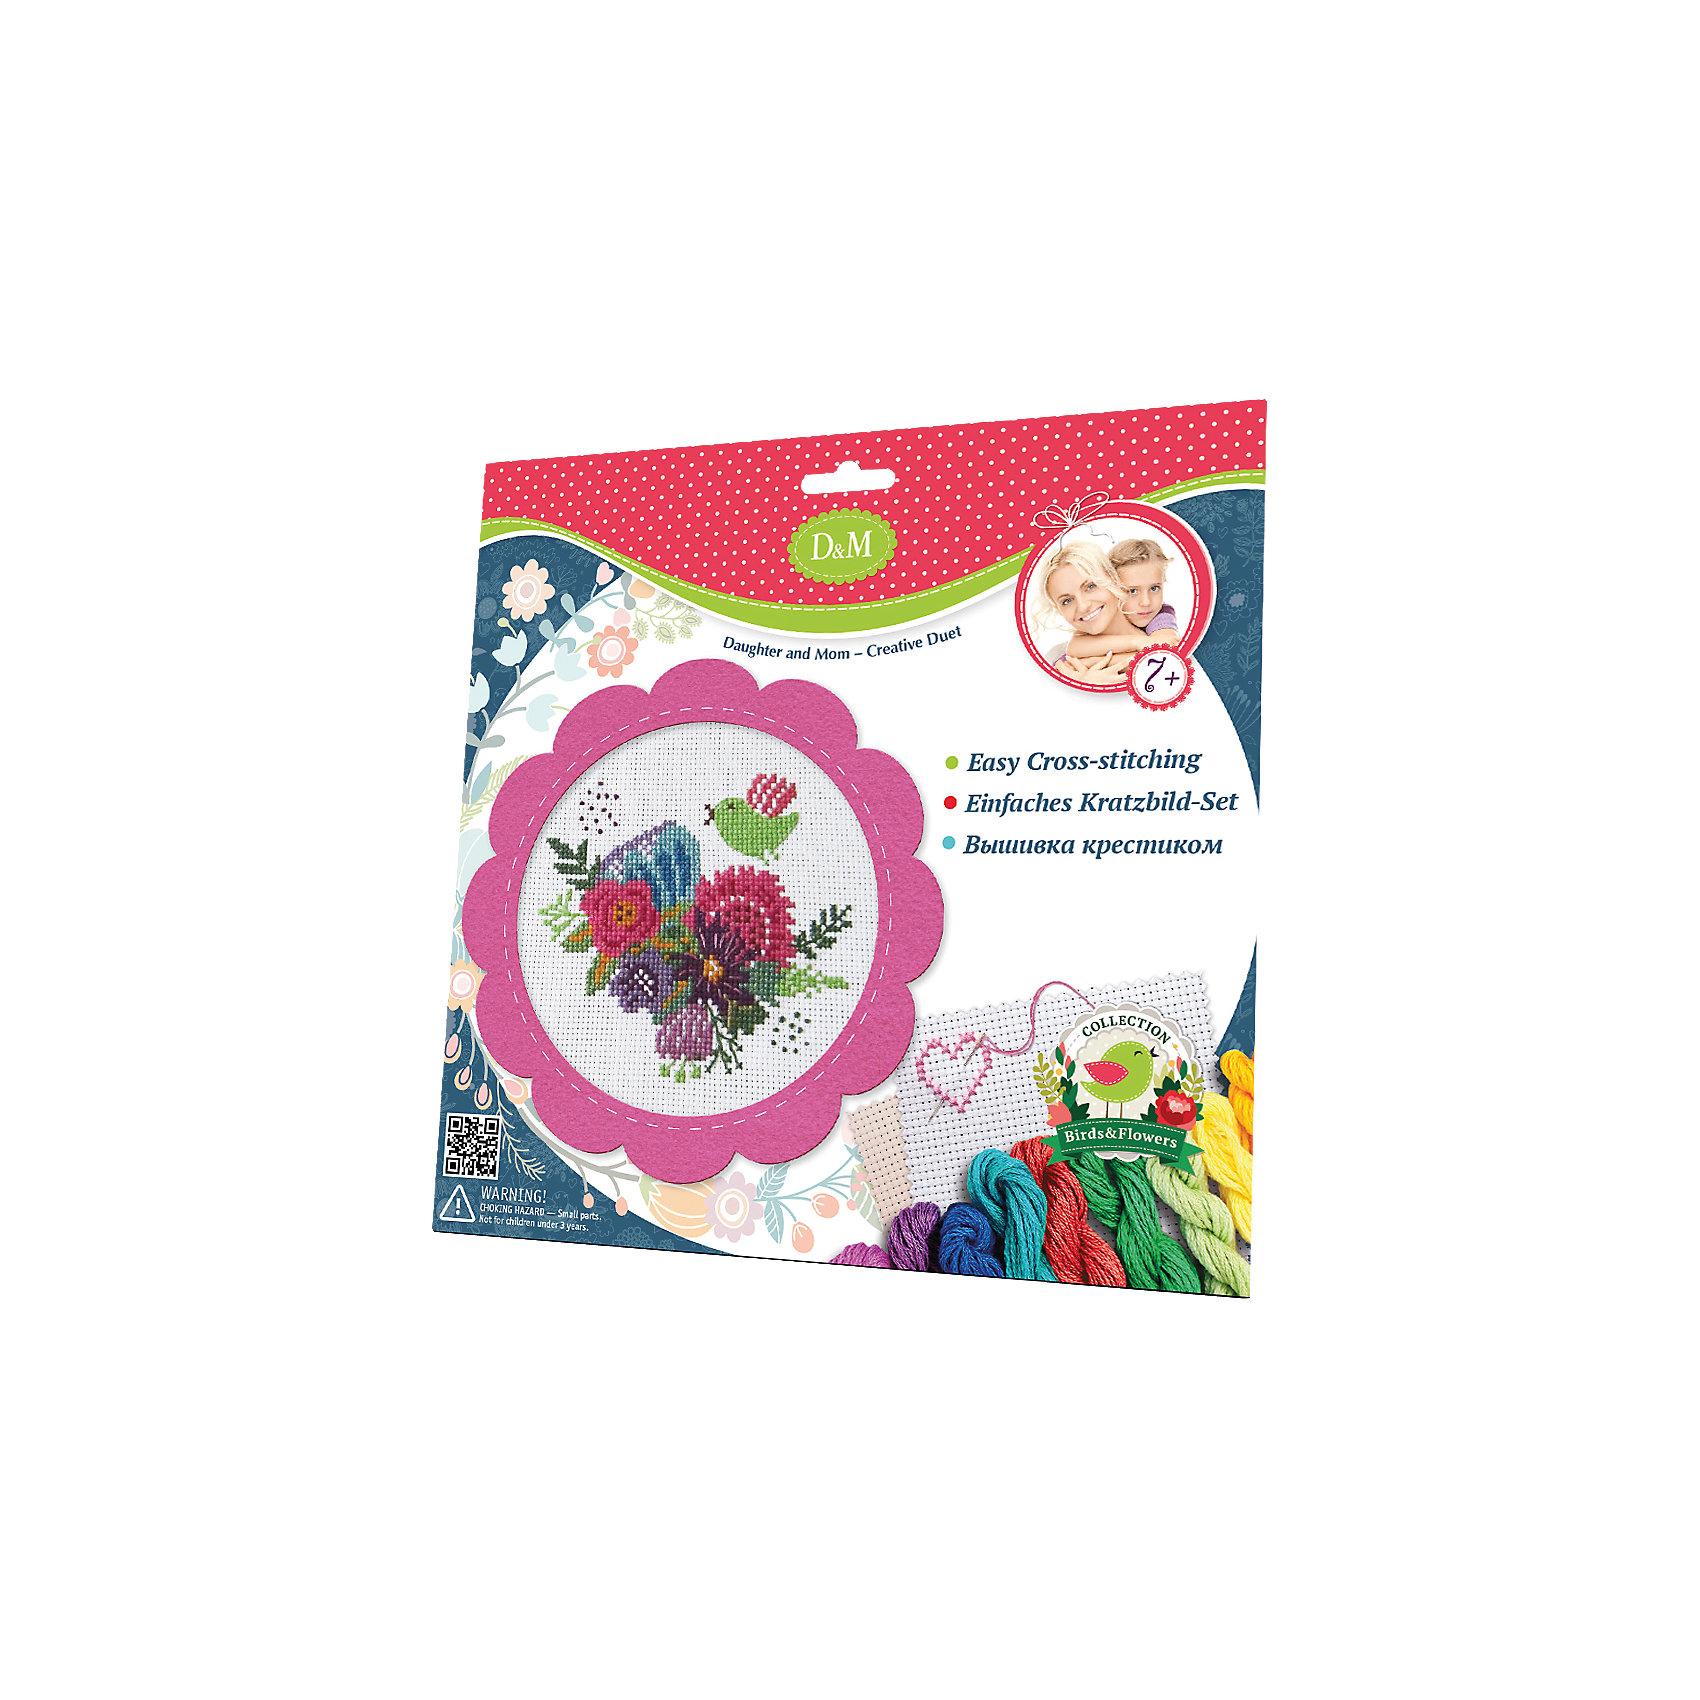 Набор для вышивания крестиком Цветы и птицы, Делай с МамойШитьё<br>Набор для вышивания крестиком Цветы и птицы в розовой рамке – это отличный подарок для маленьких рукодельниц!<br>Вышивание - очень увлекательное занятие, которое, несомненно, доставит удовольствие каждому ребенку. А с набором для вышивания крестиком Цветы и птицы торговой марки Делай с мамой это еще и очень просто из-за канвы с уже нанесенным цветным рисунком! Простота исполнения основного элемента (крестика) позволит даже начинающему любителю рукоделия достичь потрясающего результата. А красивый рисунок-вышивка, вставленный в специальную розовую фетровую рамочку, прекрасно украсит любой интерьер и создаст уютную атмосферу в доме. В наборе Вы найдете все, что необходимо: фетровую рамочку, канву с нанесенным рисунком, нитки, металлическую иголку. Вышивание крестиком поможет ребенку научиться пользоваться инструментами для шитья и поспособствует развитию творческих способностей.<br><br>Дополнительная информация:<br><br>- В наборе: фетровая рамка, канва для вышивания, мулине, иголка<br>- Размер упаковки: 220 х 20 х 240 мм.<br>- Вес: 300 гр.<br><br>Набор для вышивания крестиком Цветы и птицы в розовой рамке можно купить в нашем интернет-магазине.<br><br>Ширина мм: 250<br>Глубина мм: 5<br>Высота мм: 245<br>Вес г: 300<br>Возраст от месяцев: 84<br>Возраст до месяцев: 168<br>Пол: Унисекс<br>Возраст: Детский<br>SKU: 4085731